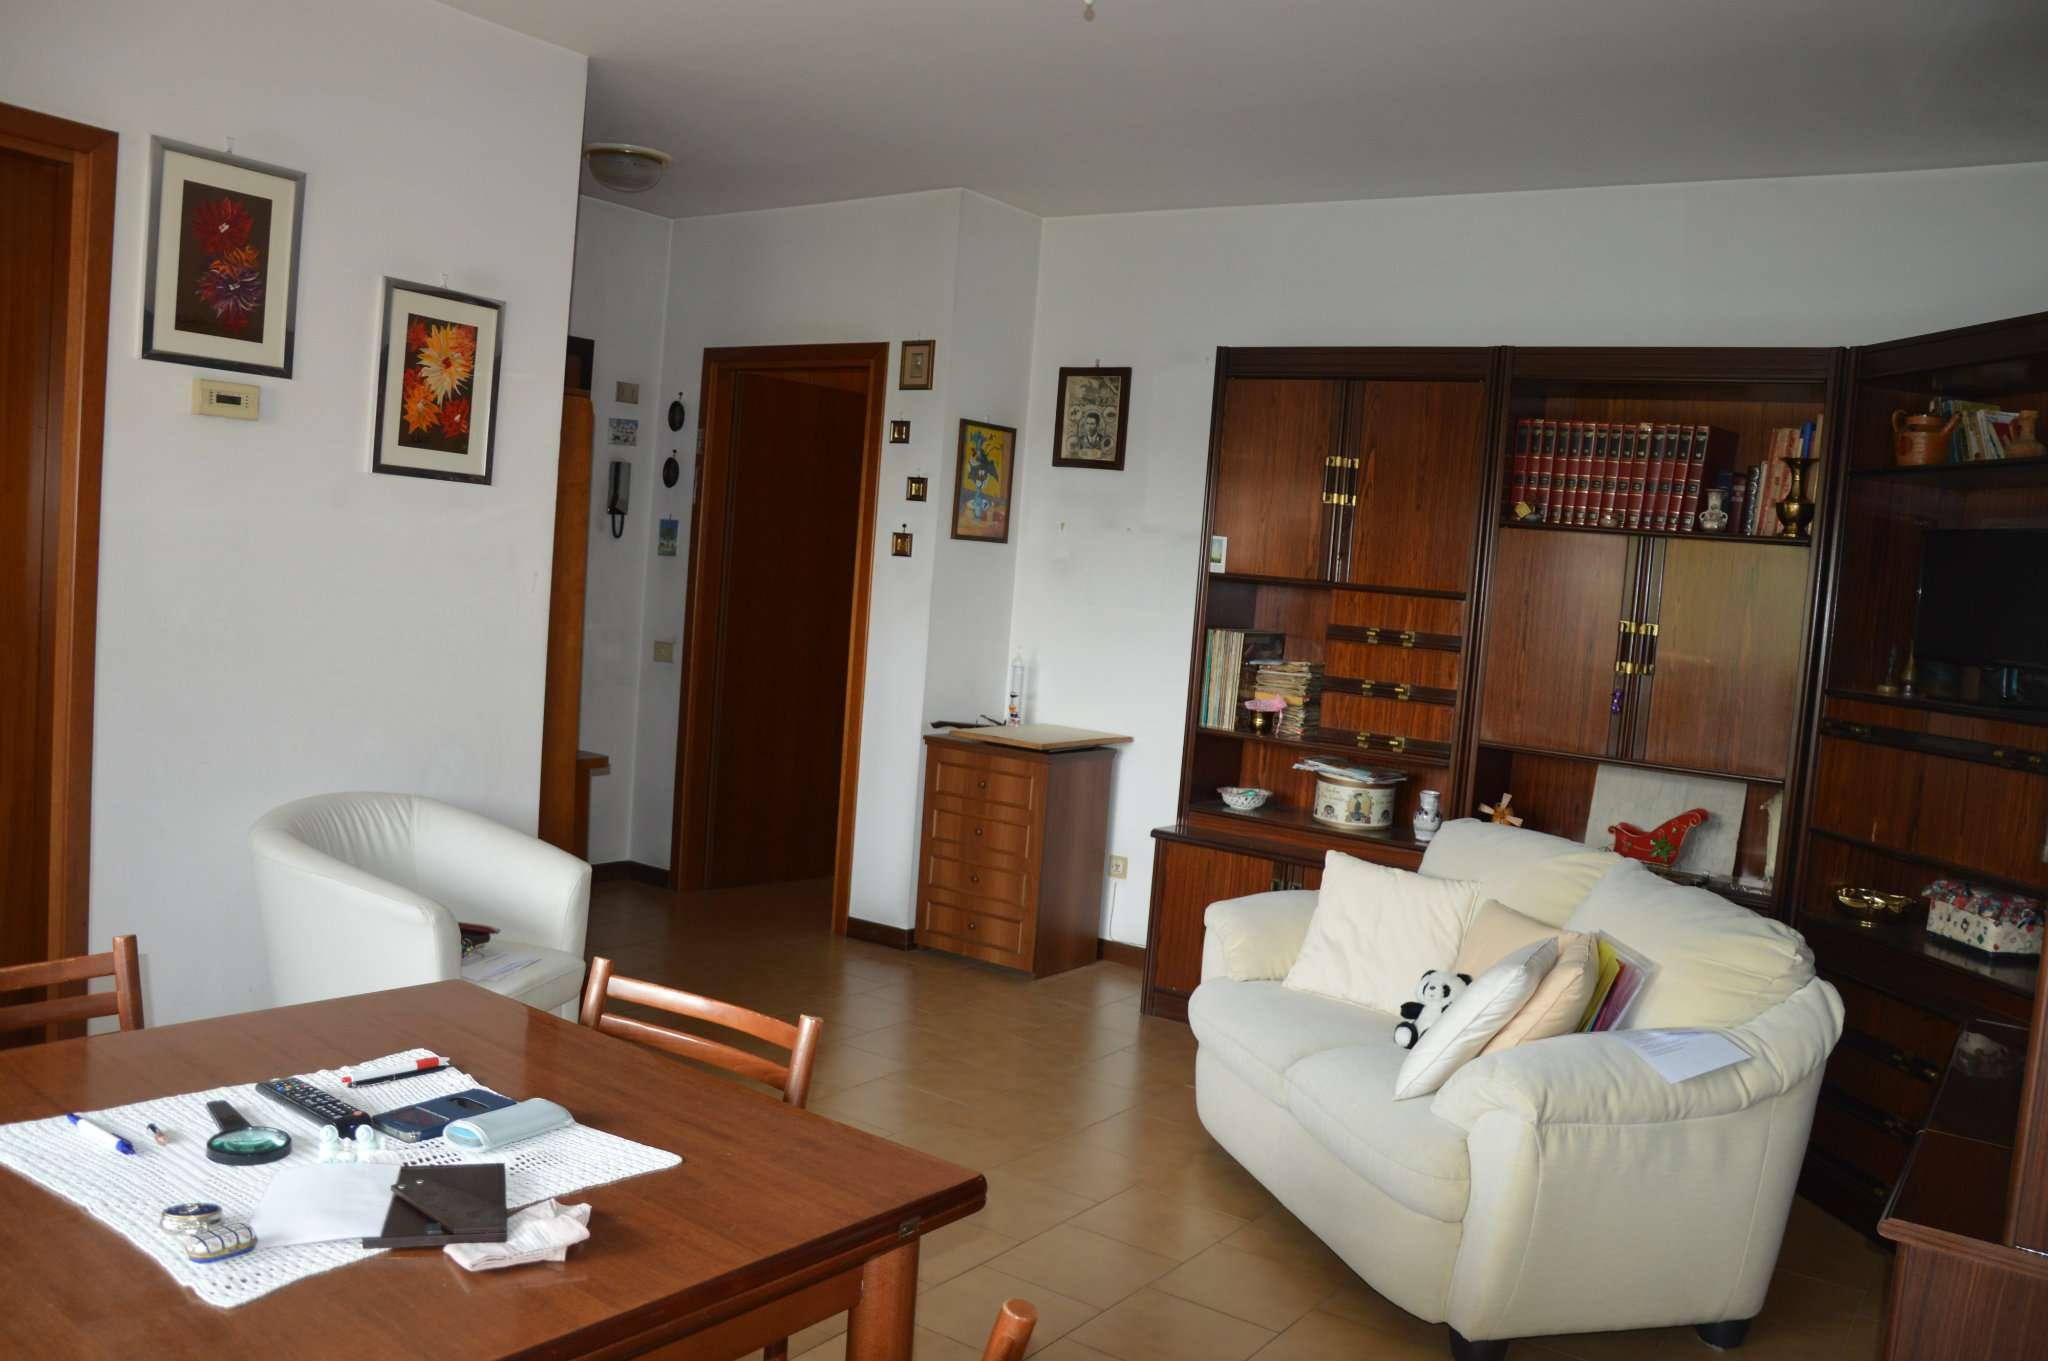 Appartamento in vendita a Cormano, 3 locali, prezzo € 195.000 | PortaleAgenzieImmobiliari.it